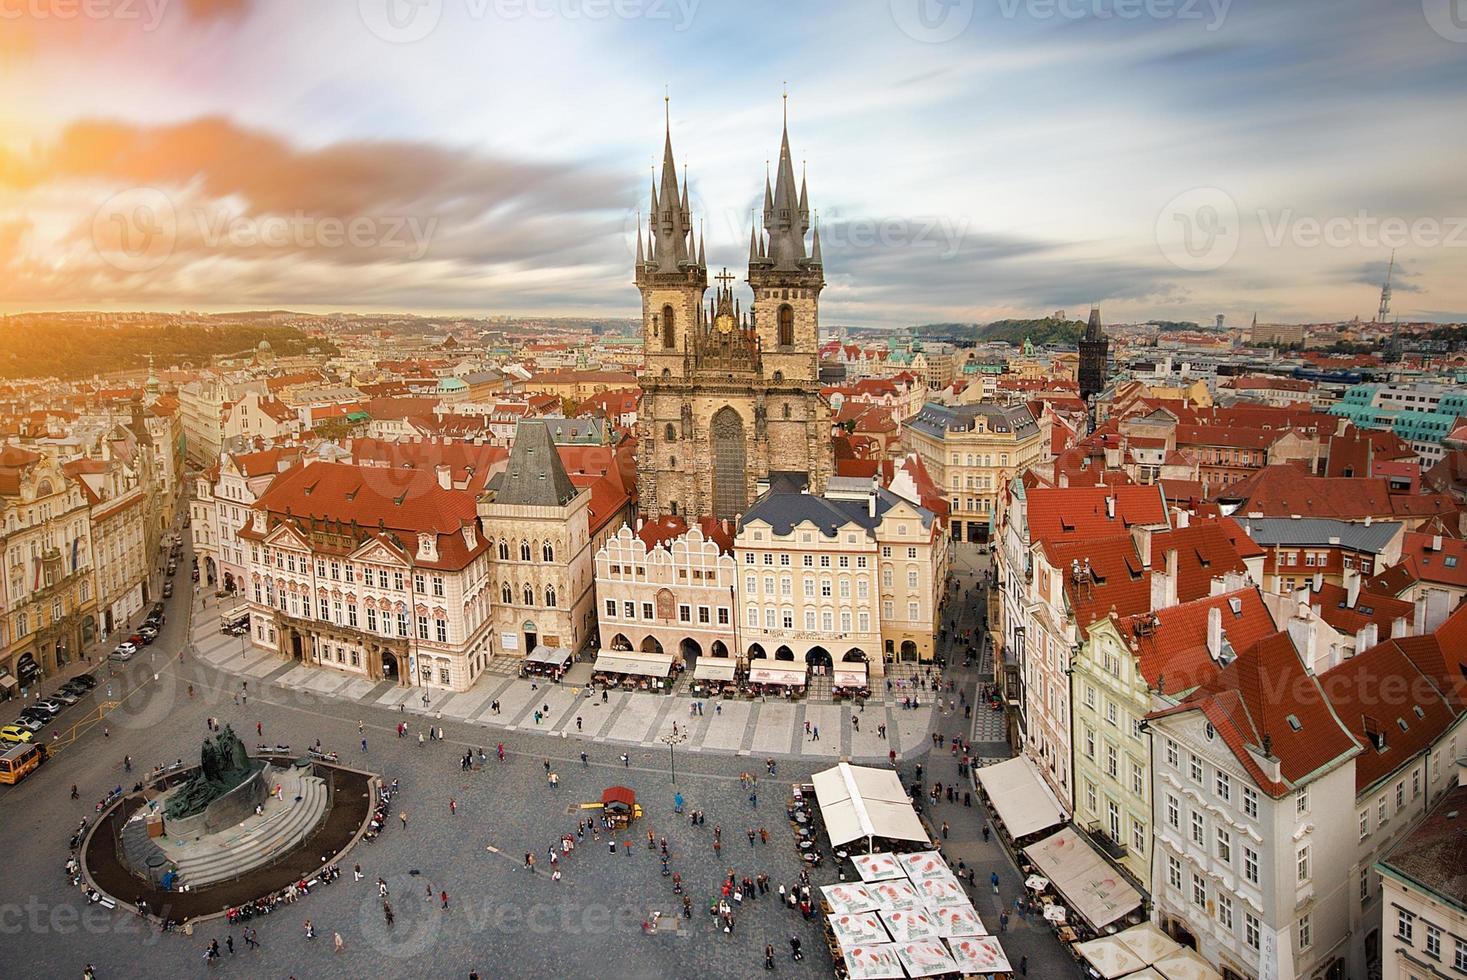 vue sur la vieille ville de marché de prague, république tchèque. photo